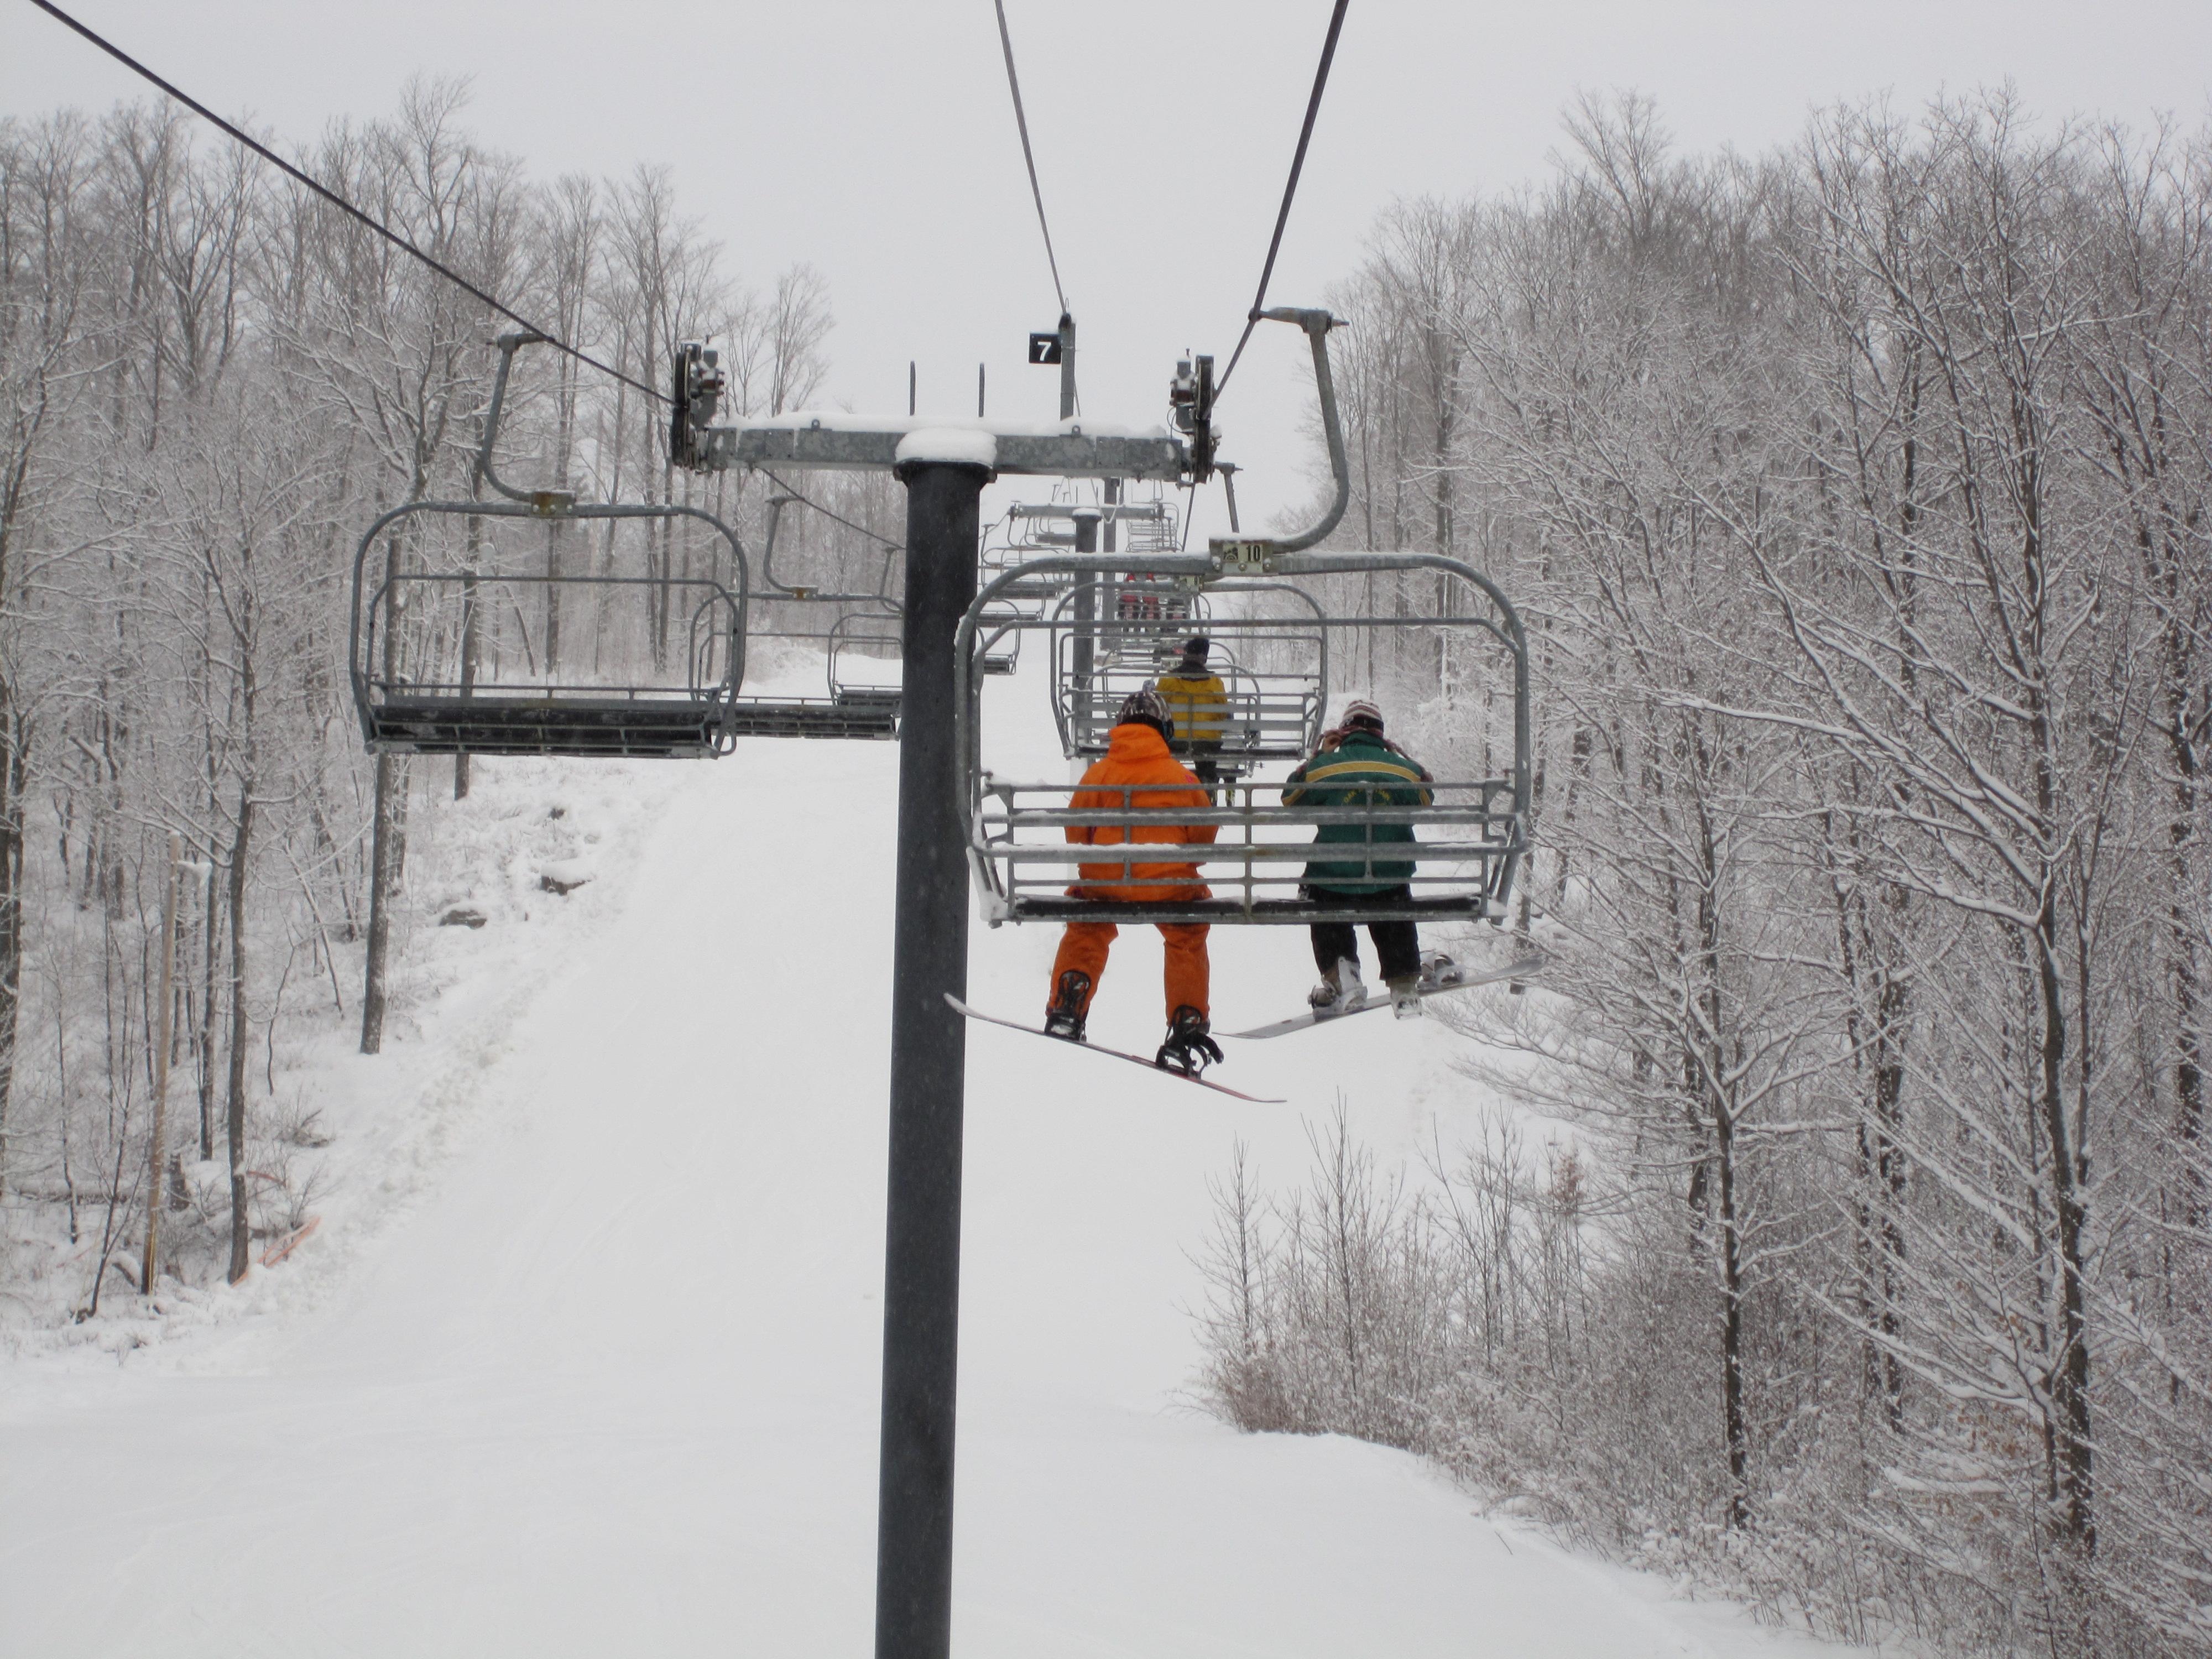 Oak Mountain Ski Center